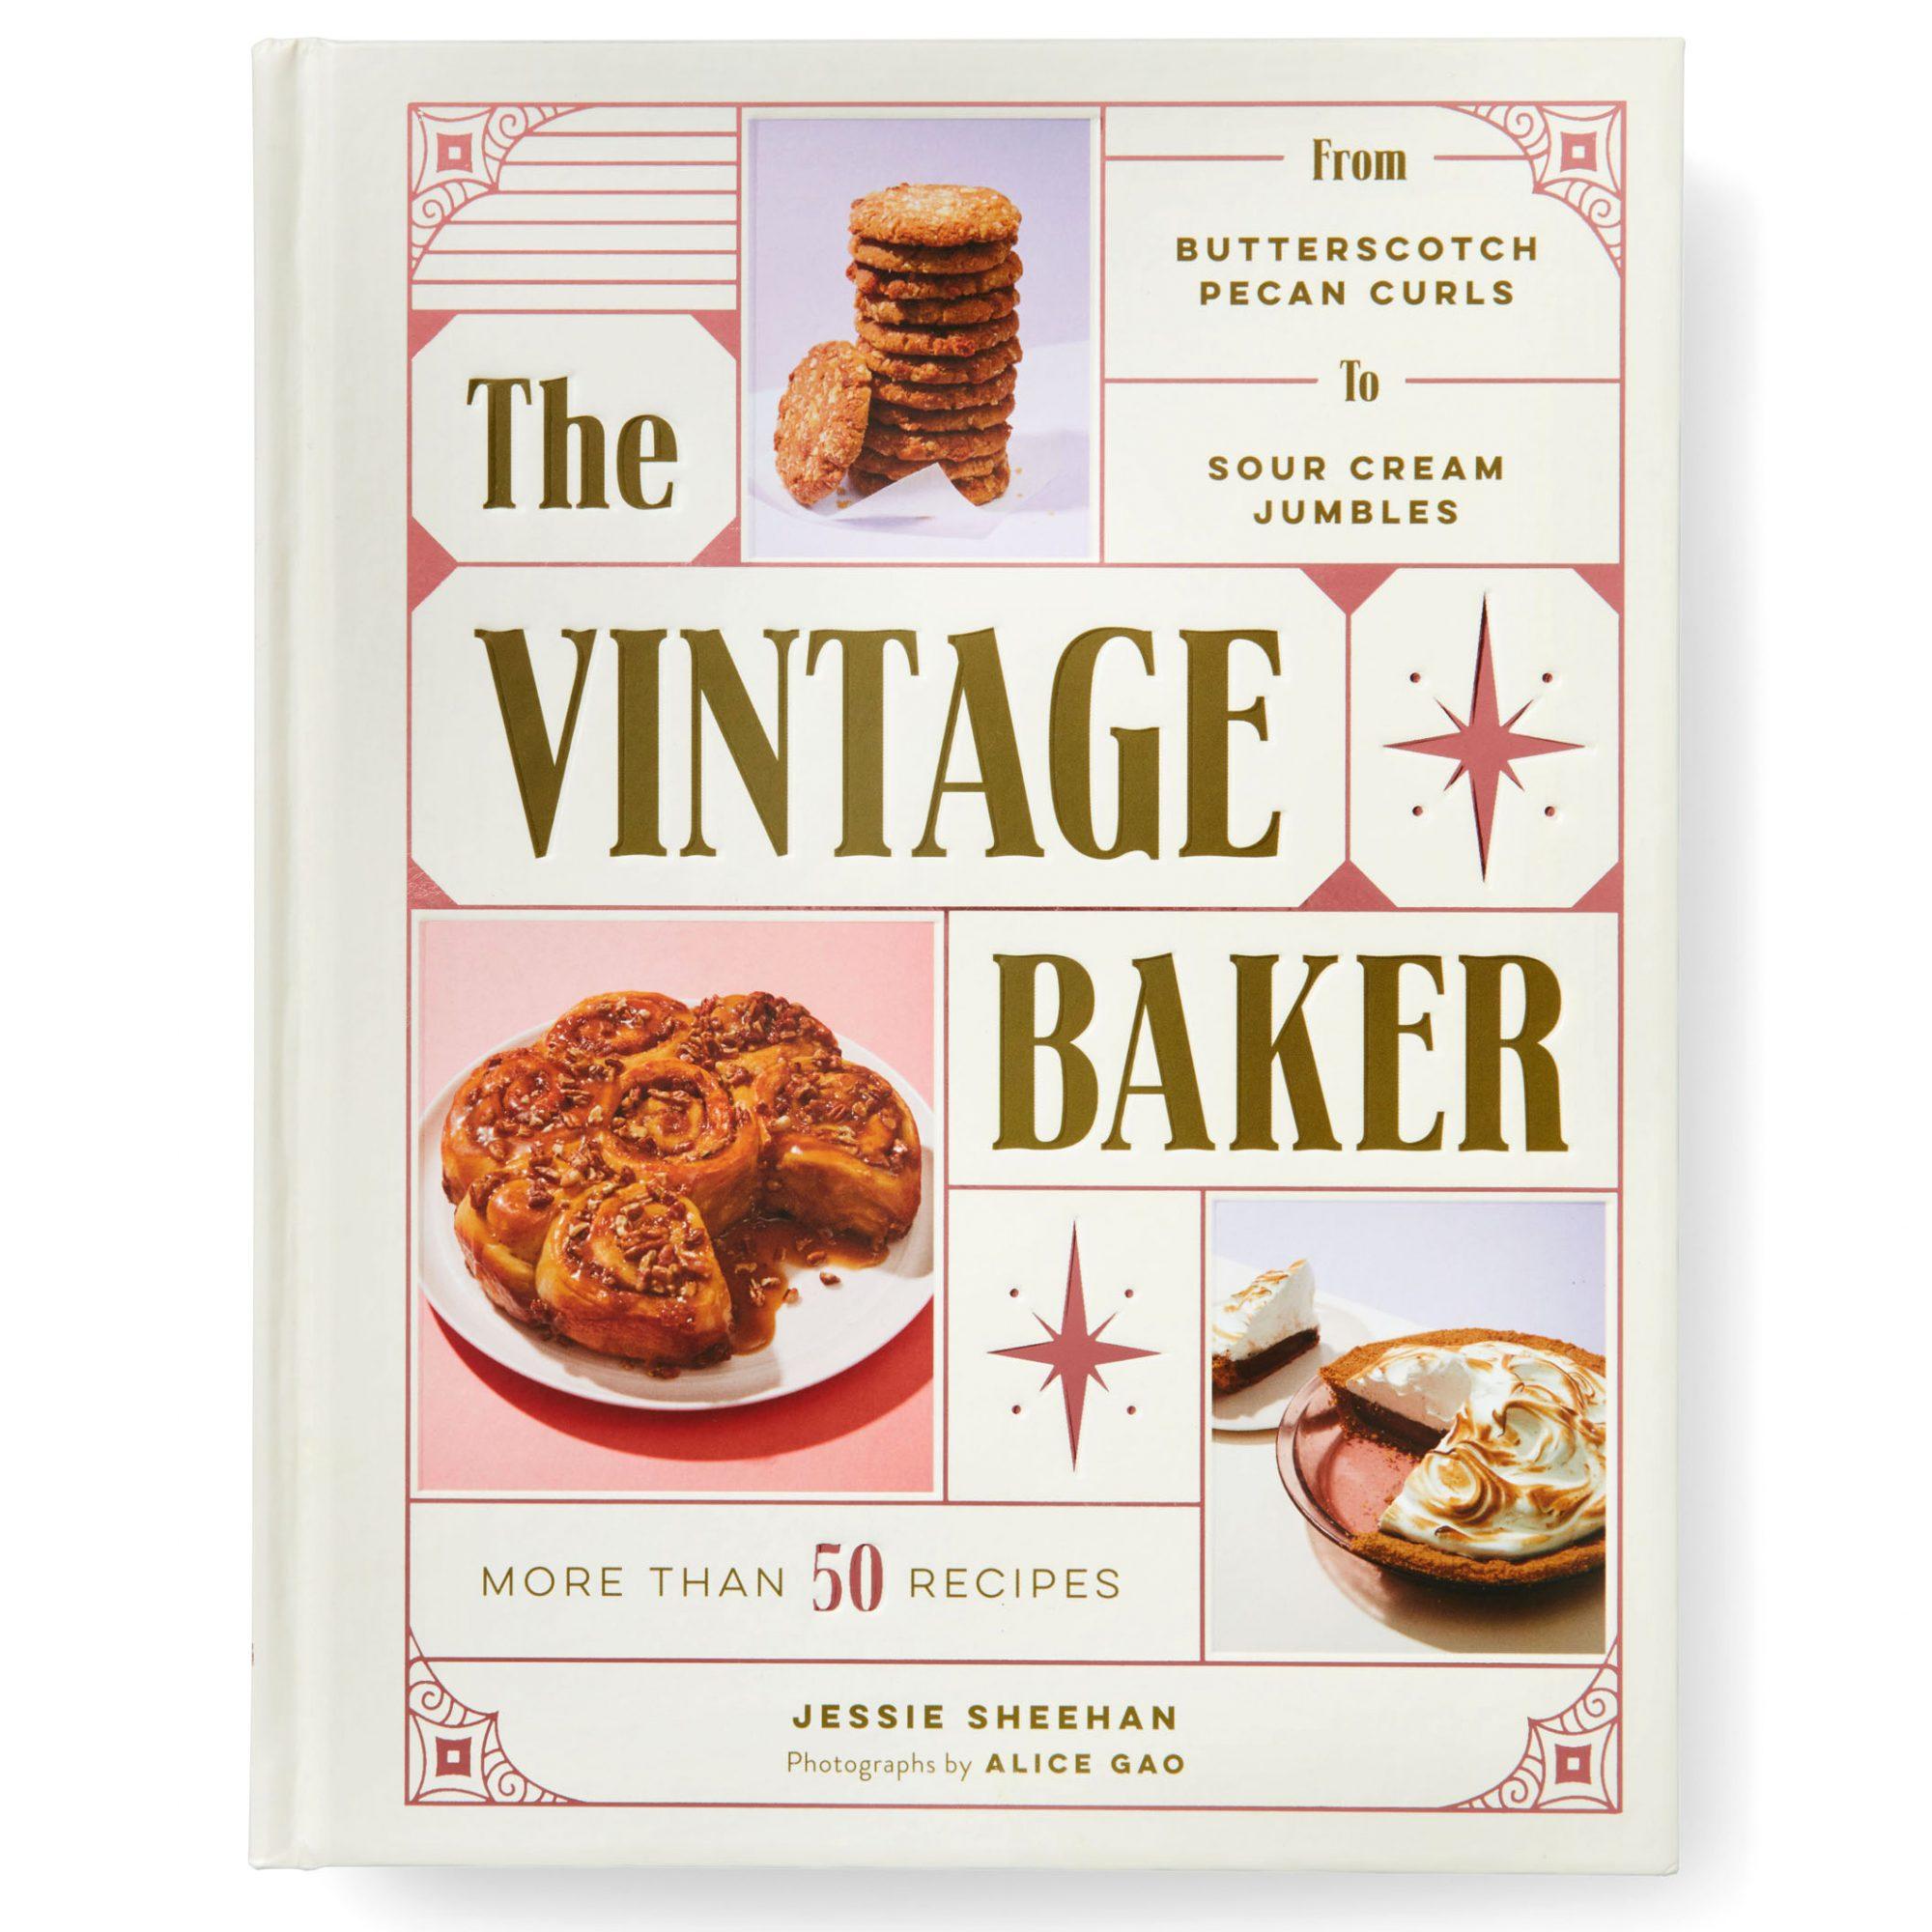 vintage-cookbook-cover-1dd7dfe1